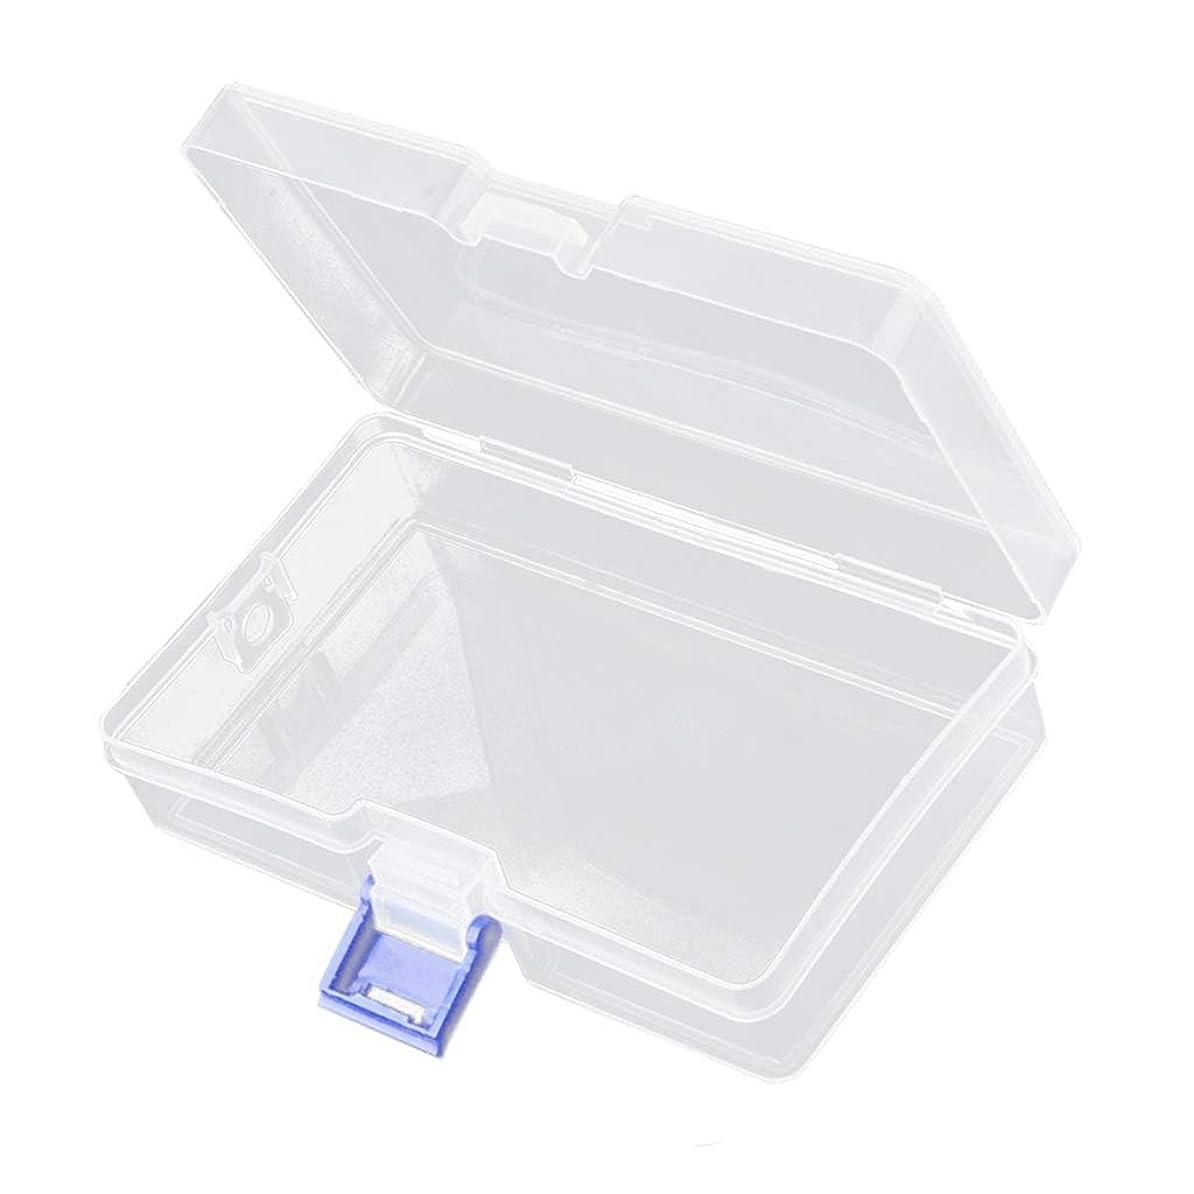 辞任の前で湿地SM SunniMix 高品質アクセサリー収納 小物収納ケースボックス 透明 整理箱 小物入れ ネイルアート用品収納 ボックス